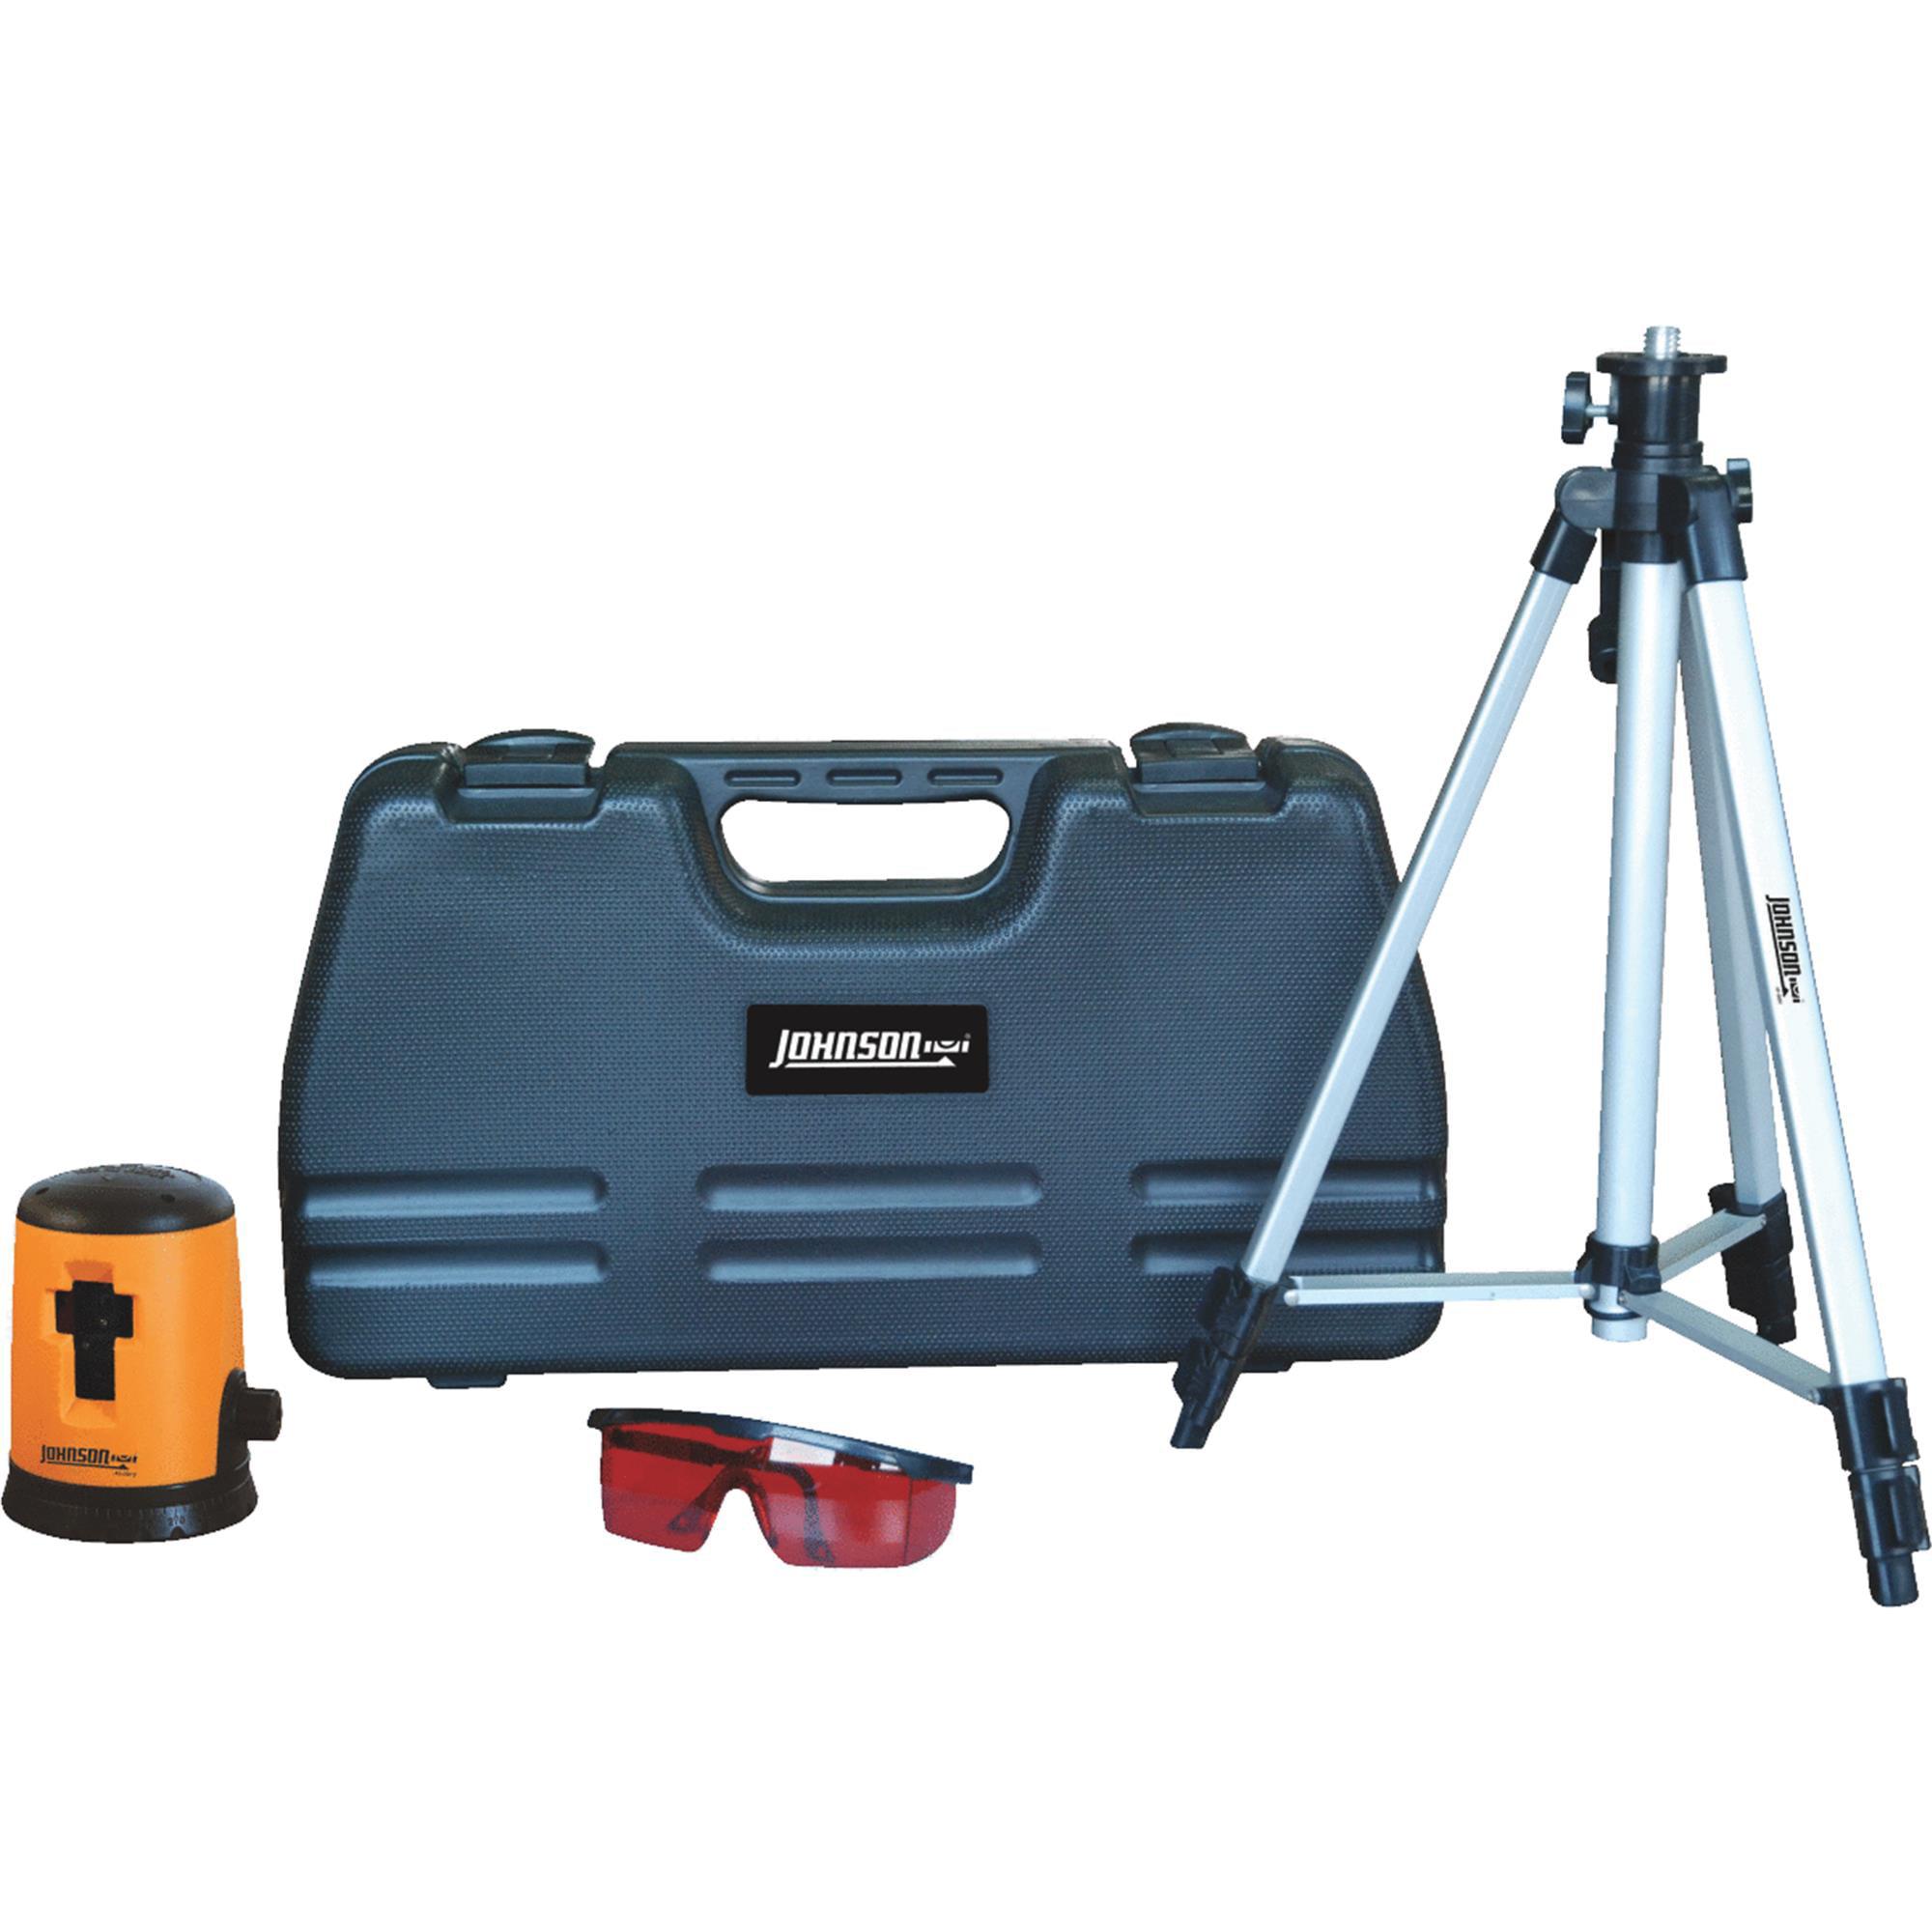 Johnson Level Cross-Line Laser Level by Johnson Level & Tool